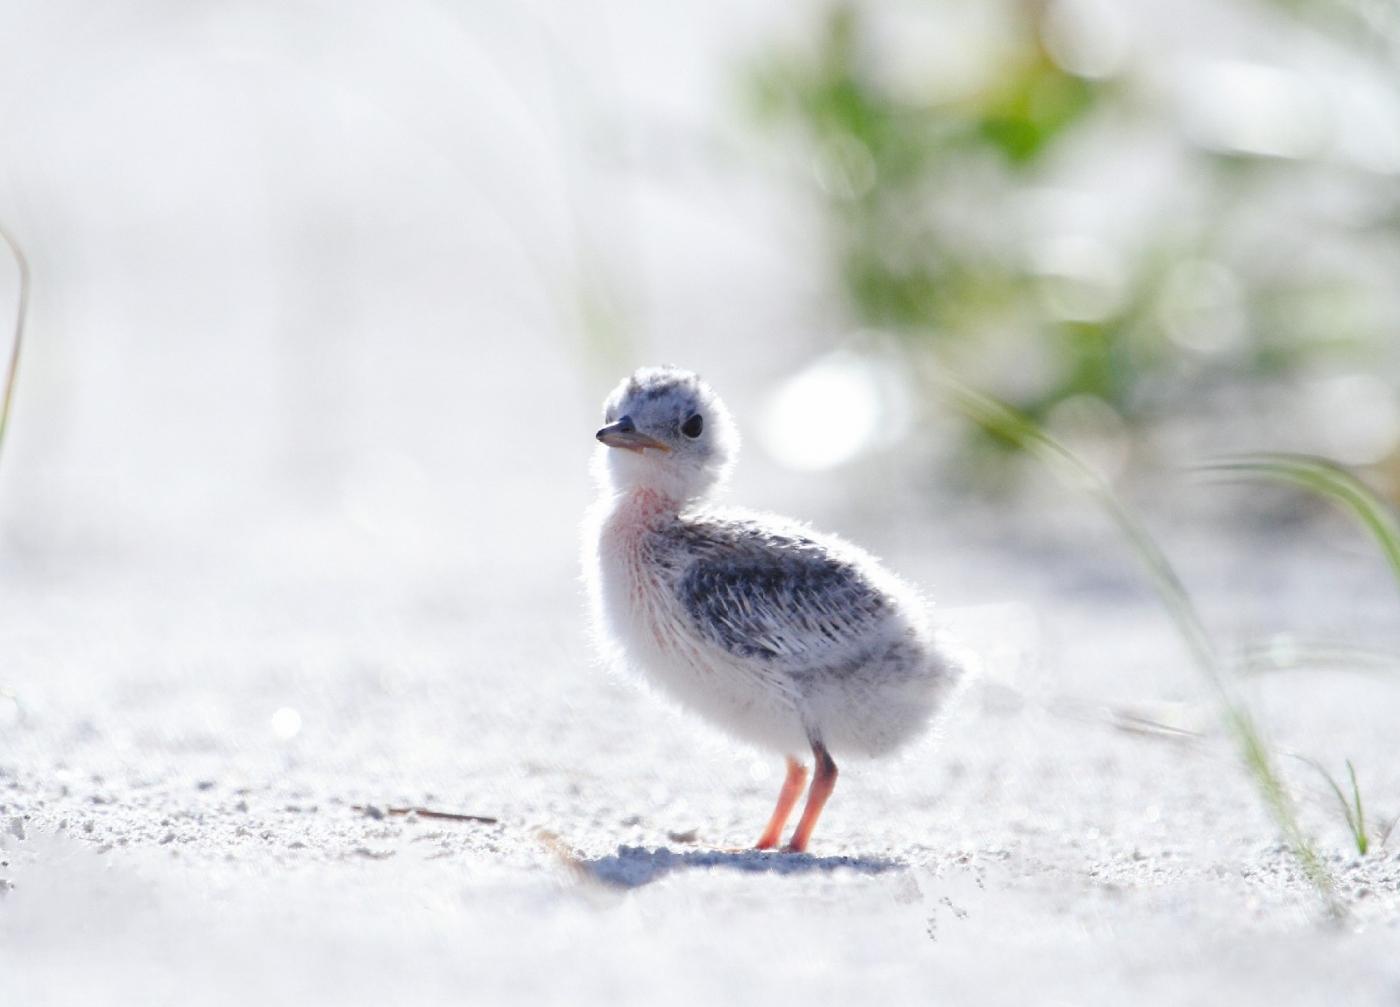 【田螺摄影】黄嘴燕鸥整个出生成长的过程_图1-19